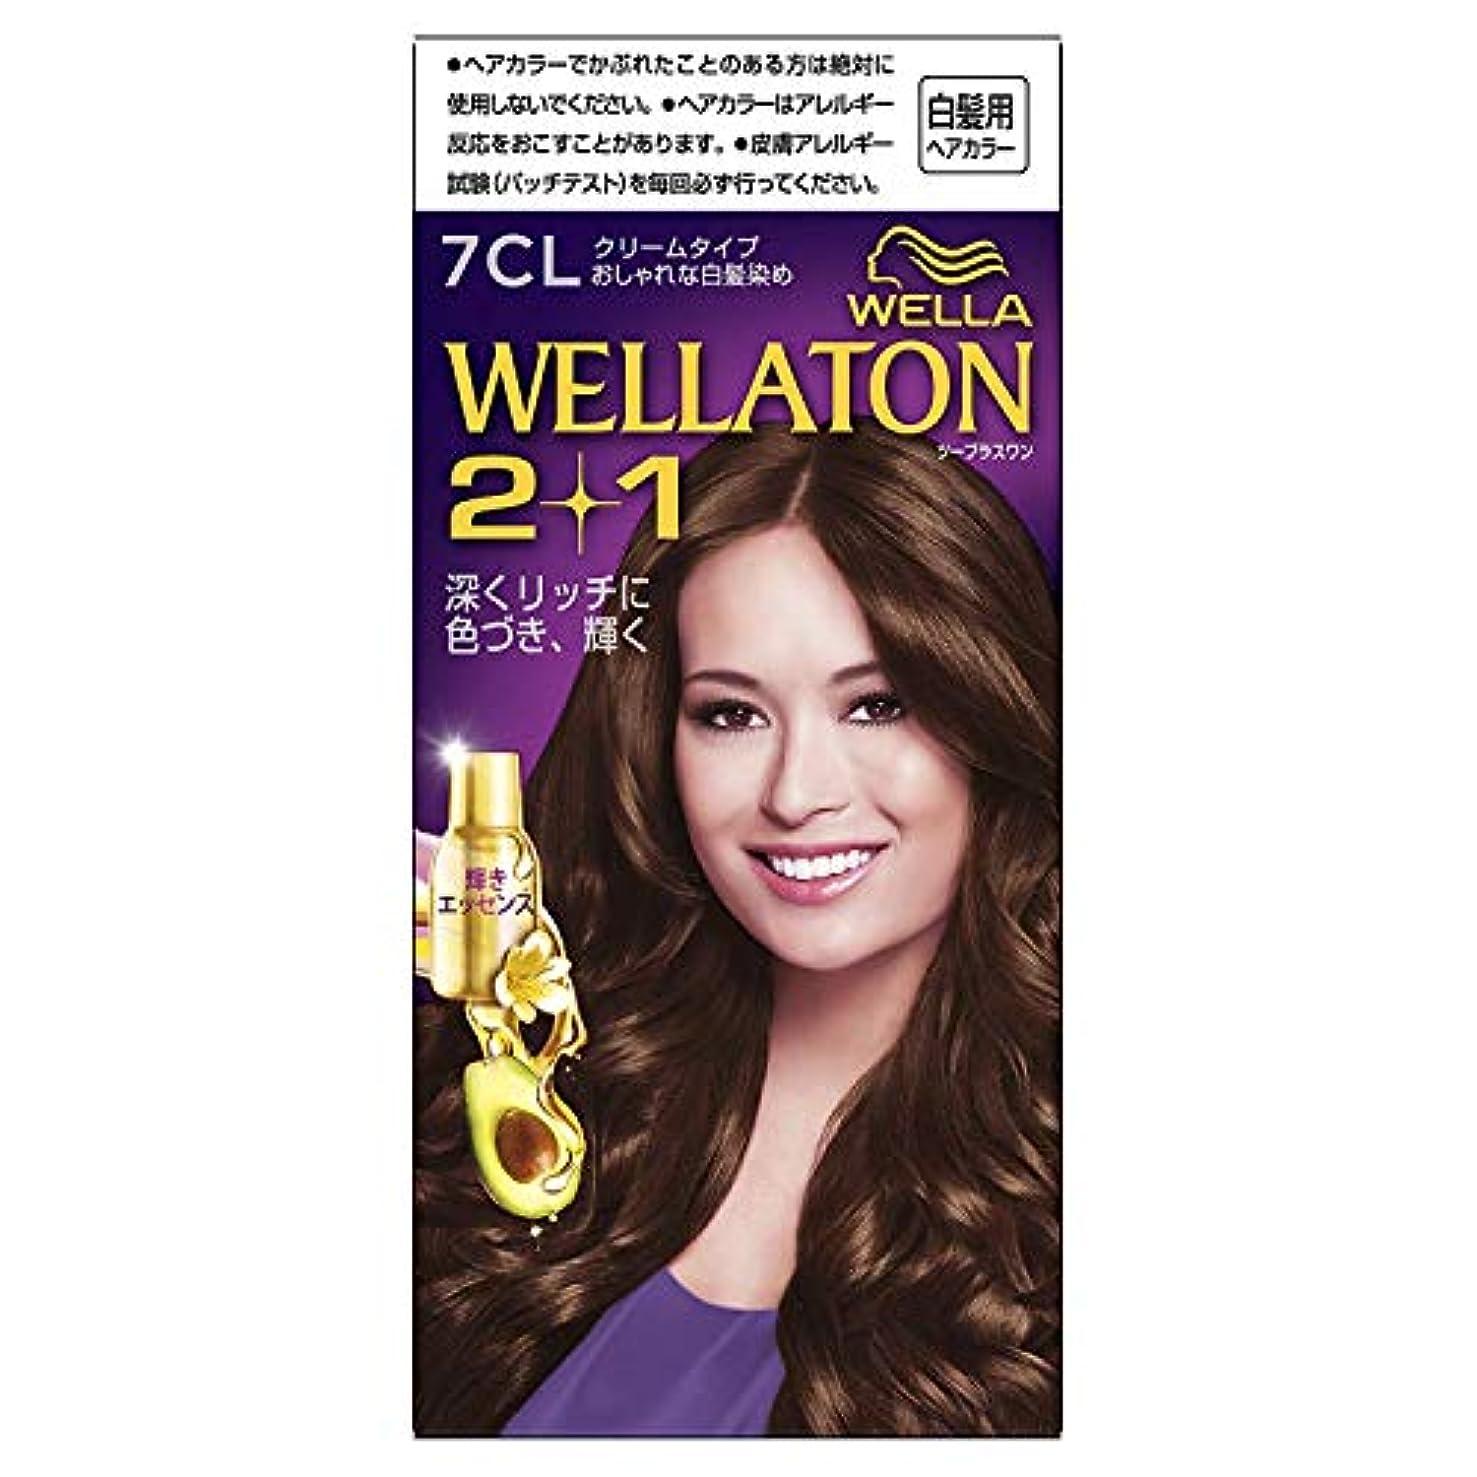 カップルおびえた知人ウエラトーン2+1 白髪染め クリームタイプ 7CL [医薬部外品]×3個